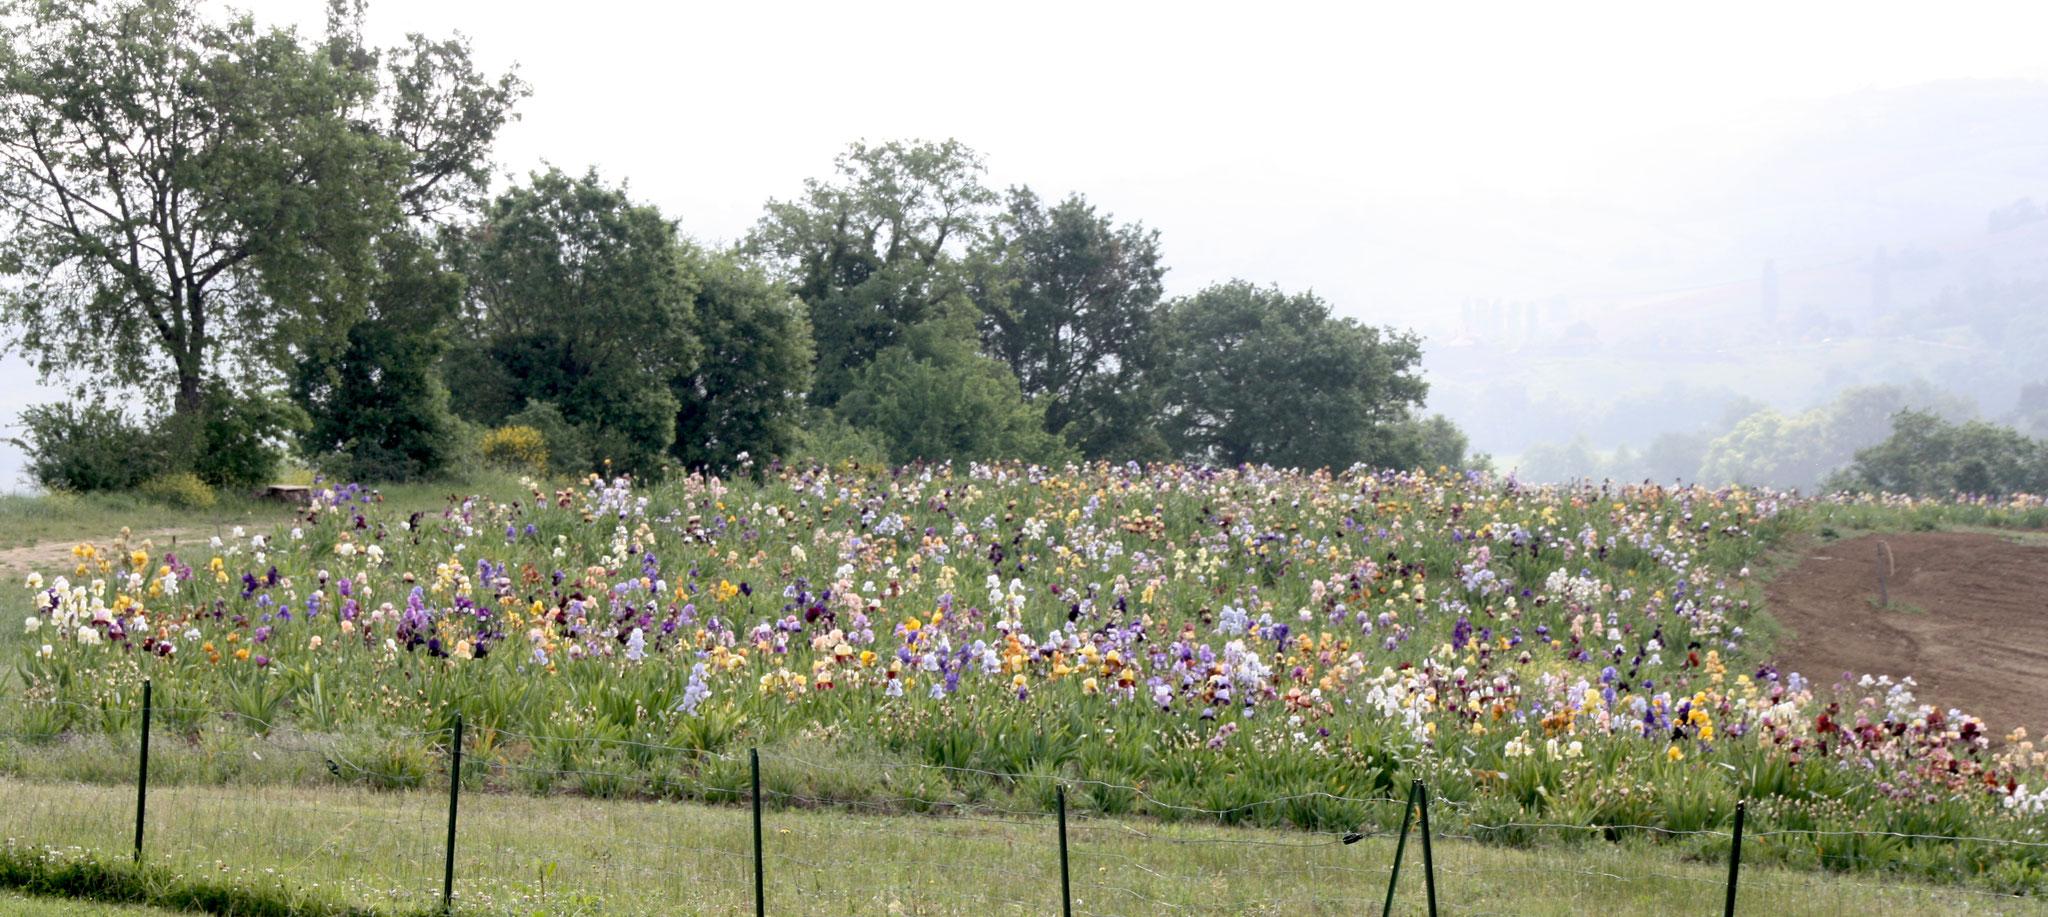 Le pic de floraison